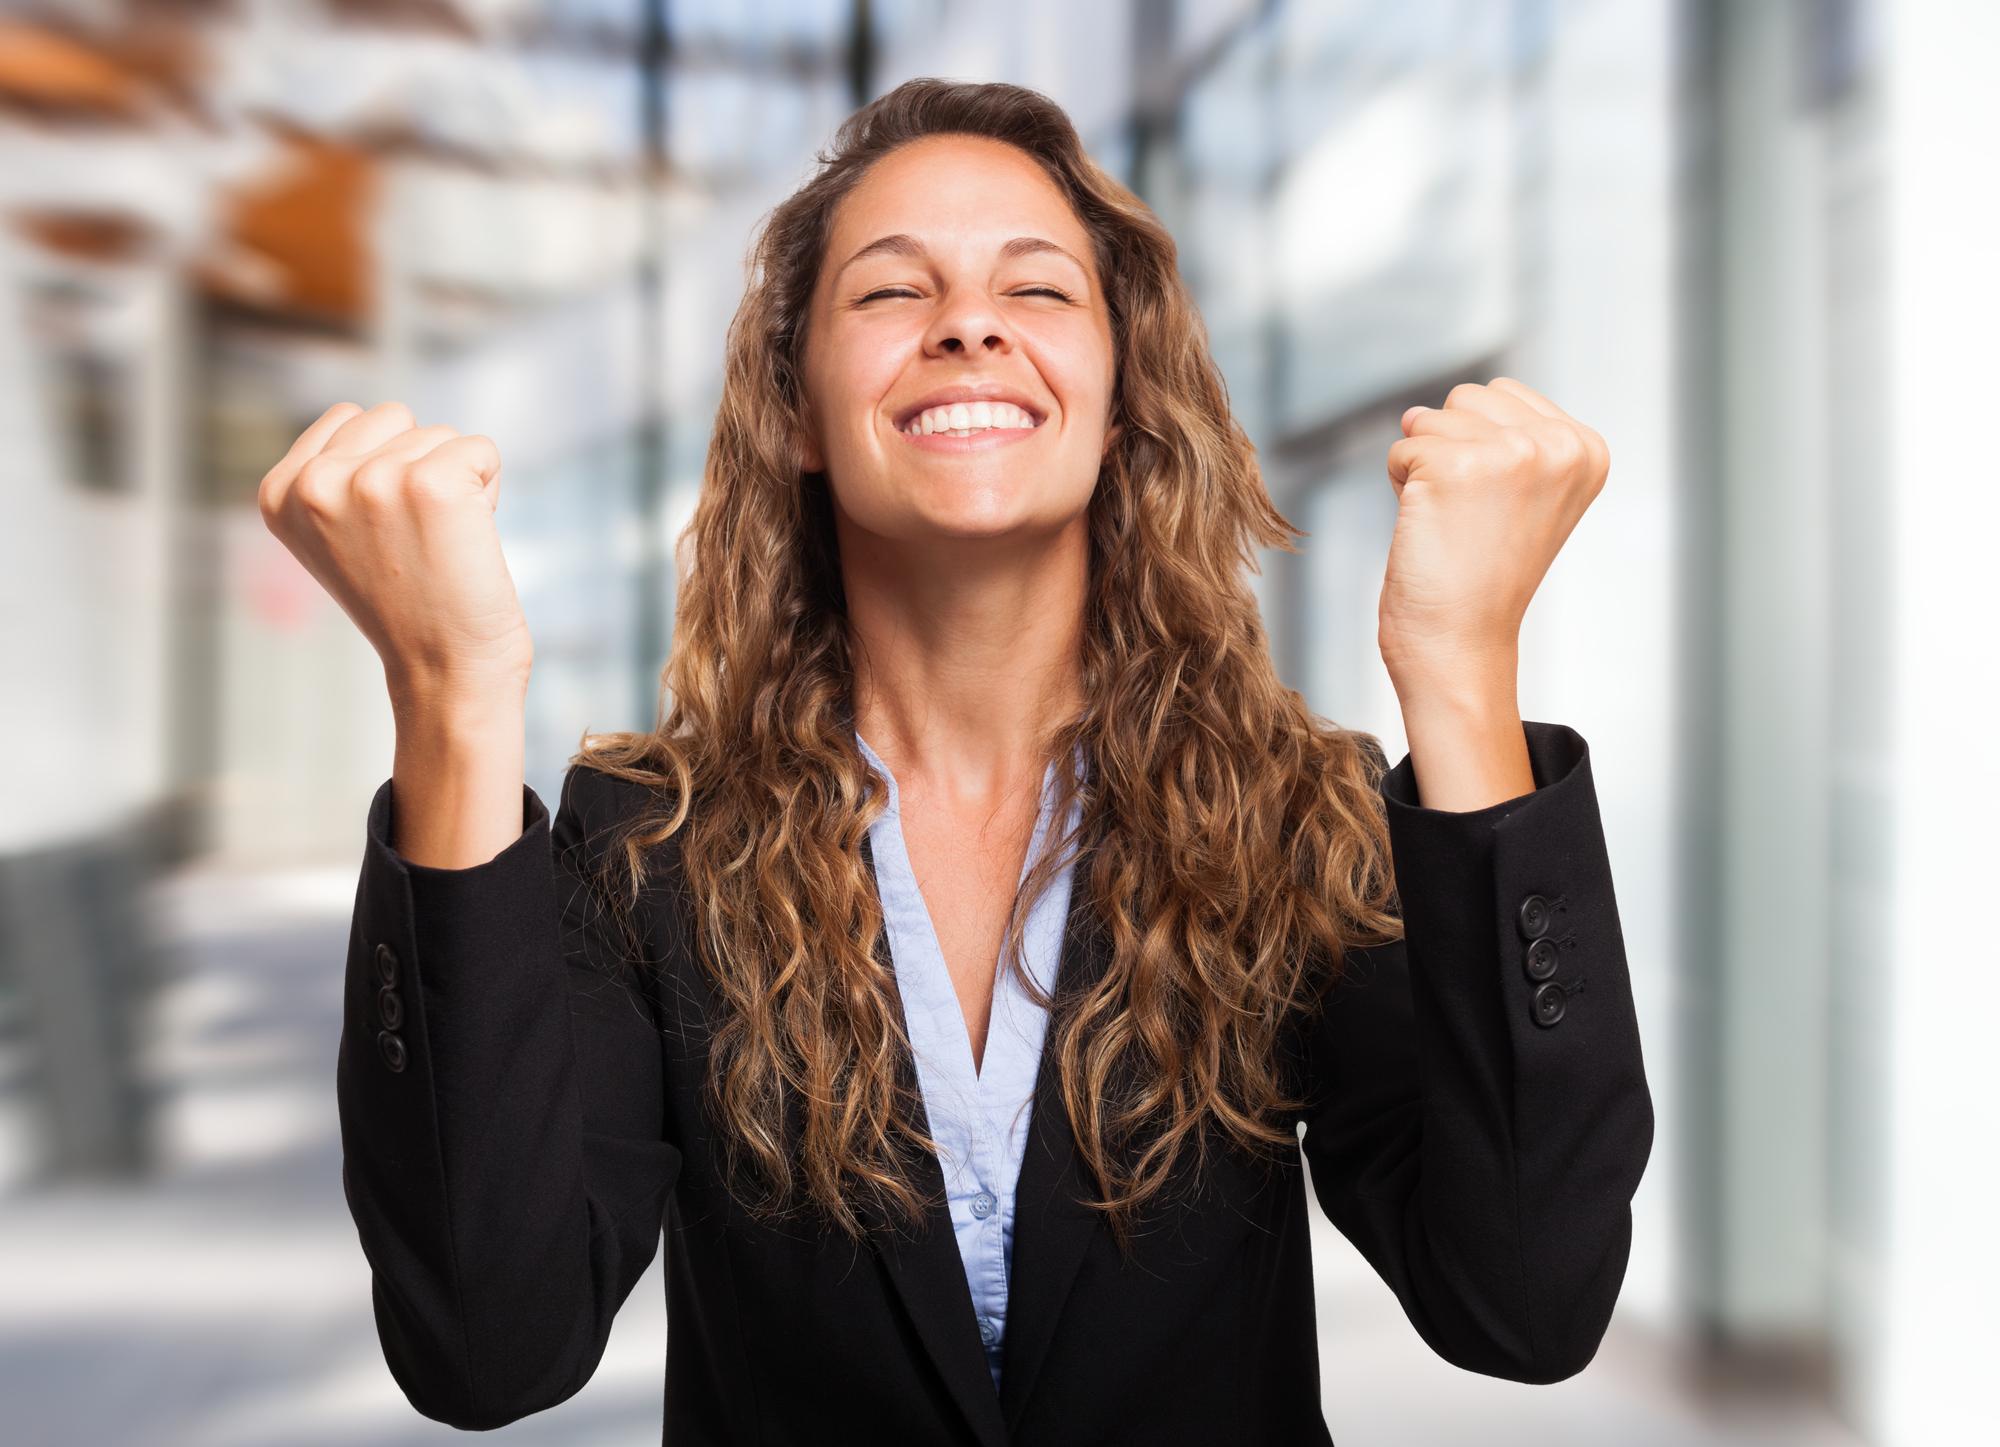 ¿Te preocupa encontrar Empleo de Profesor Sin Experiencia? Te damos todos los trucos para que encontrar tu primer empleo sea mucho más fácil ¡ENTRA YA!